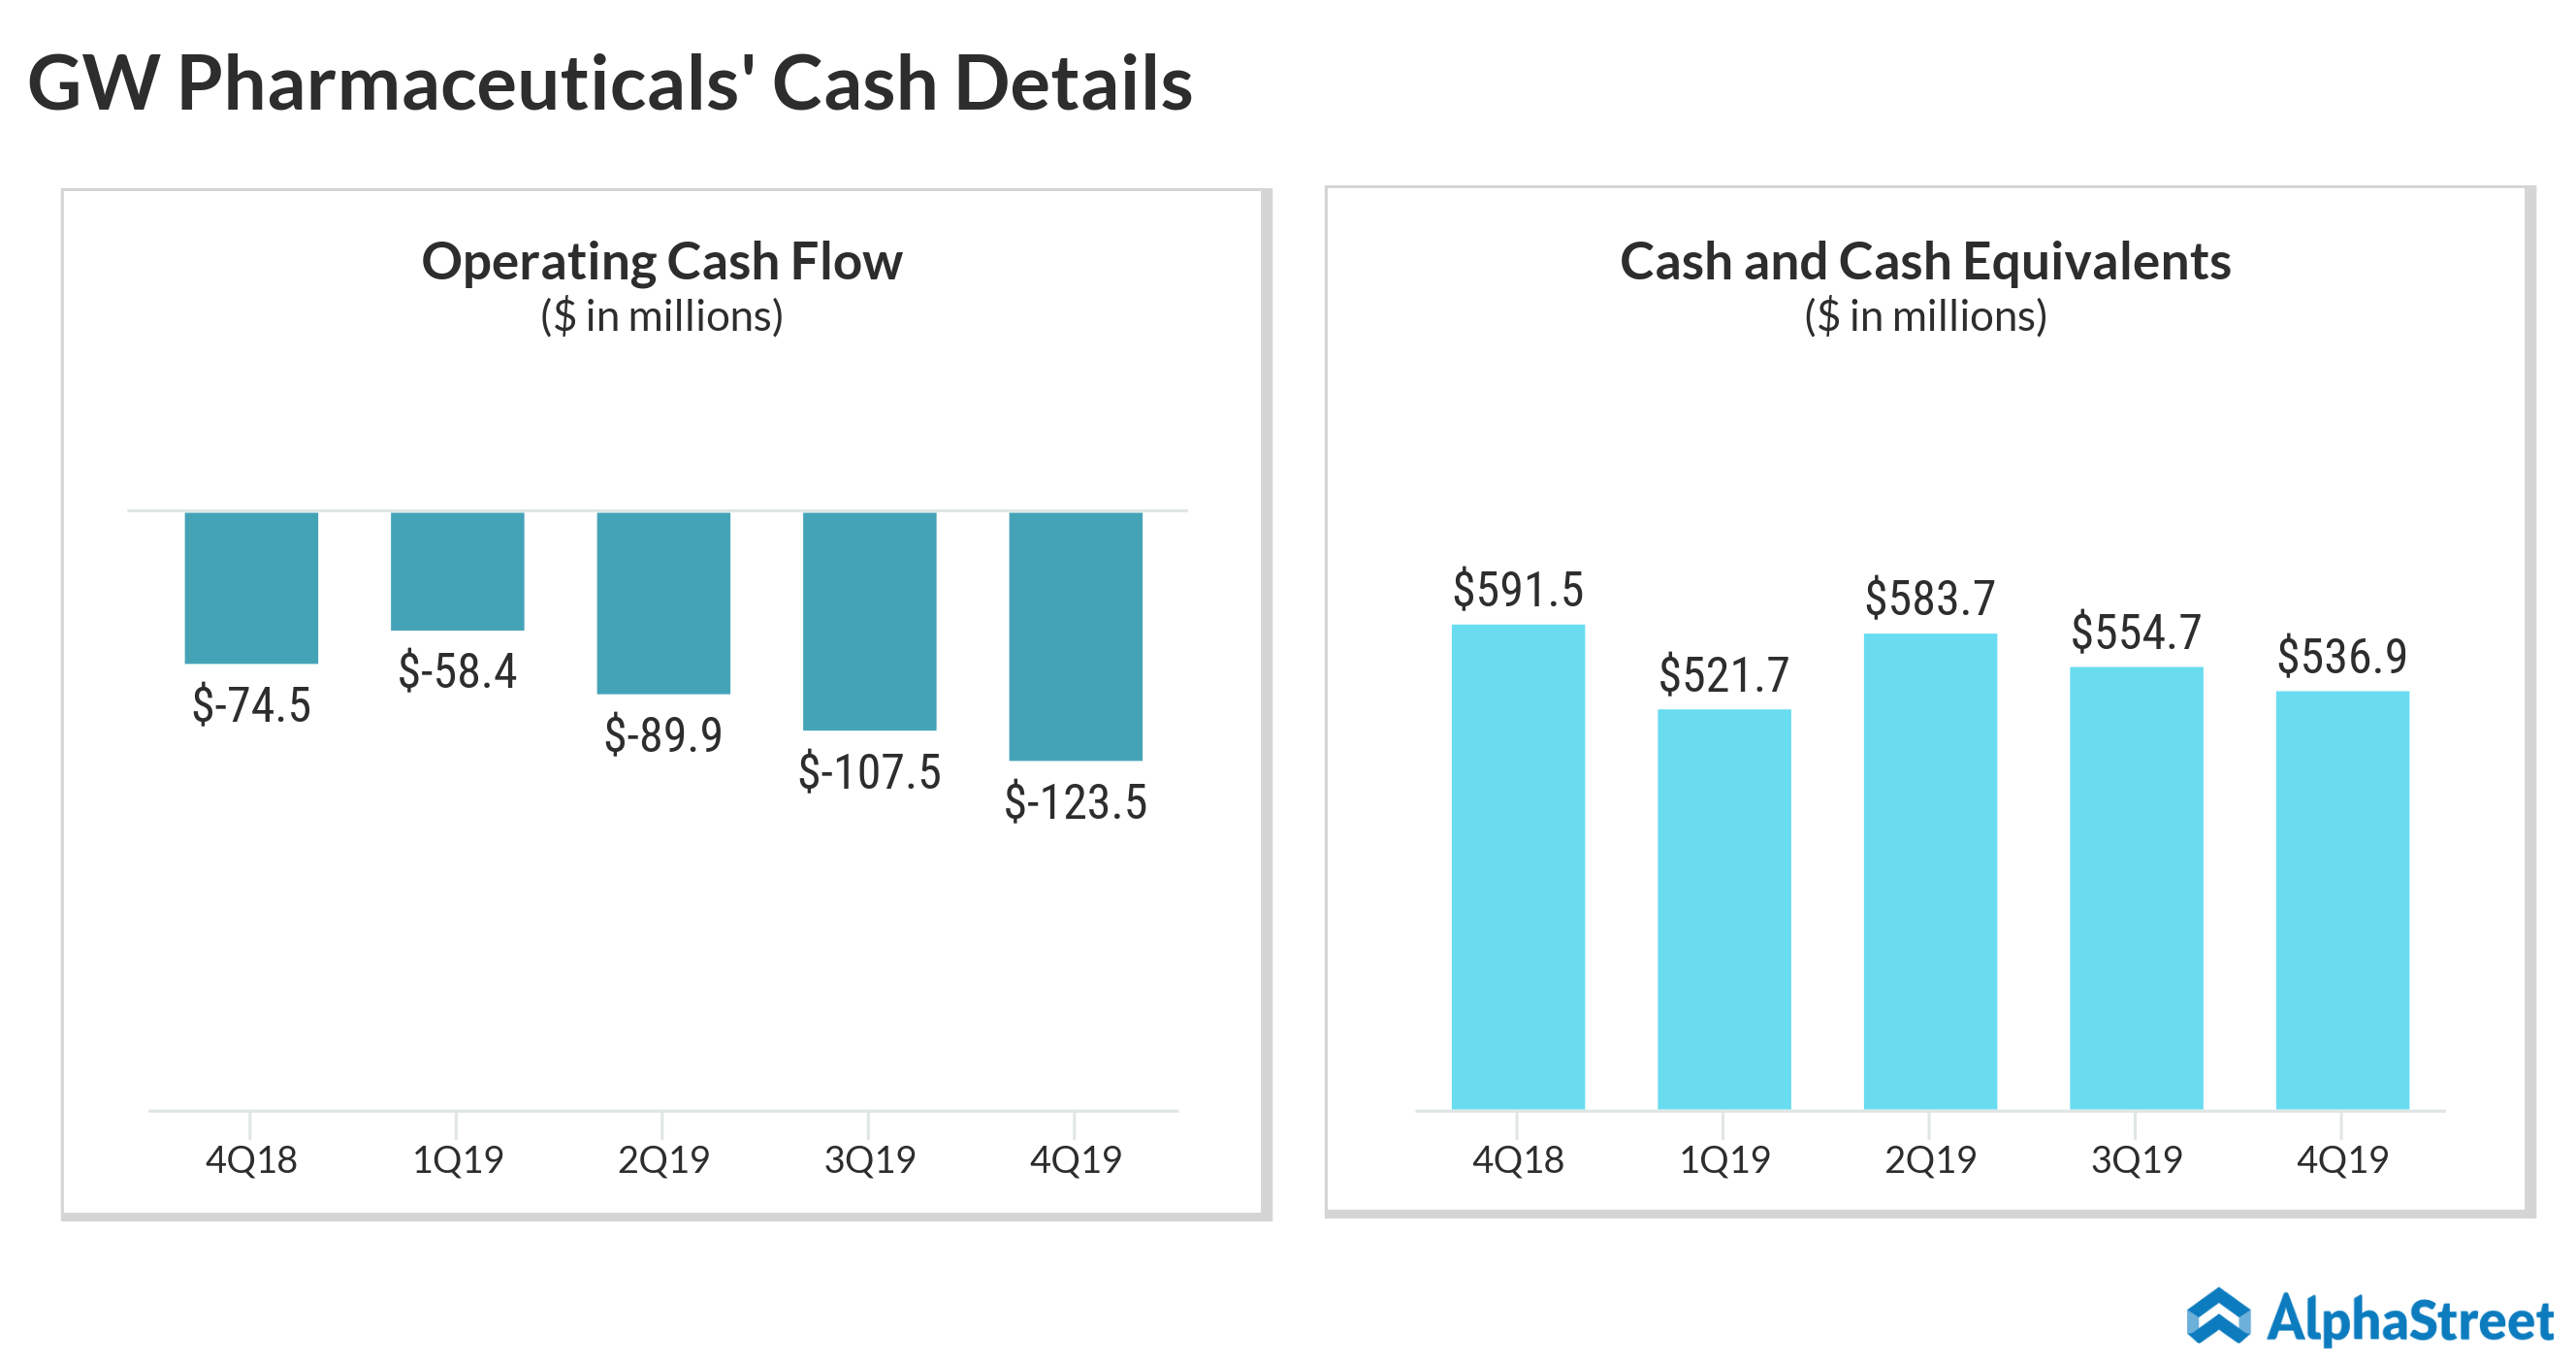 GW Pharmaceuticals cash details